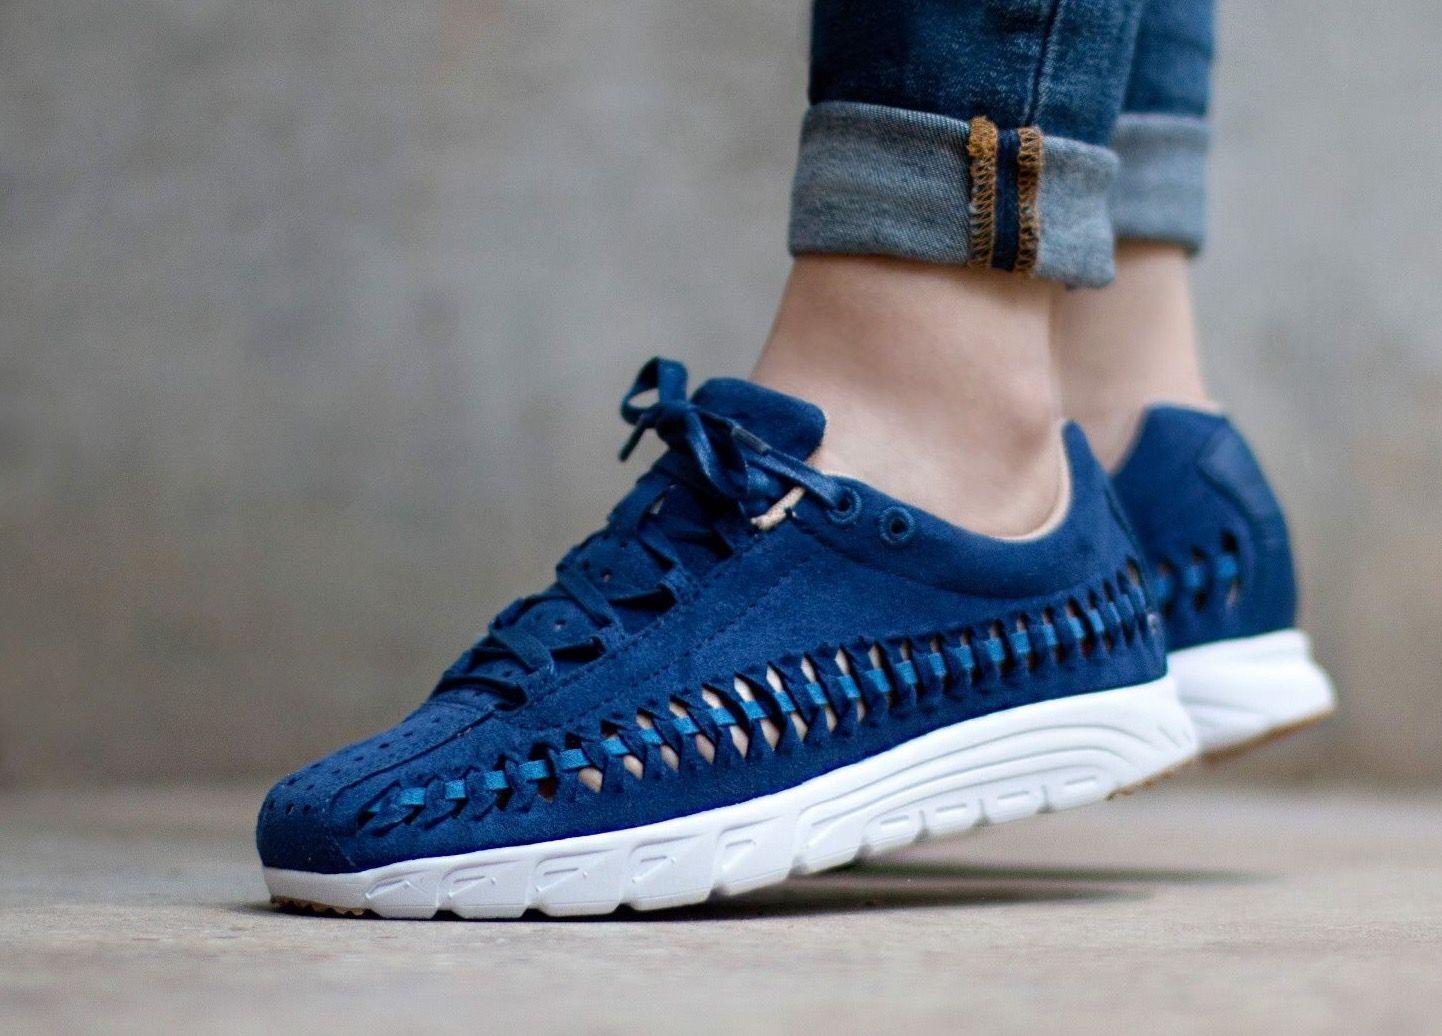 Nike Mayfly Woven: Blue · Shoes WomenMayflyOutfitCoastalSneakers ...